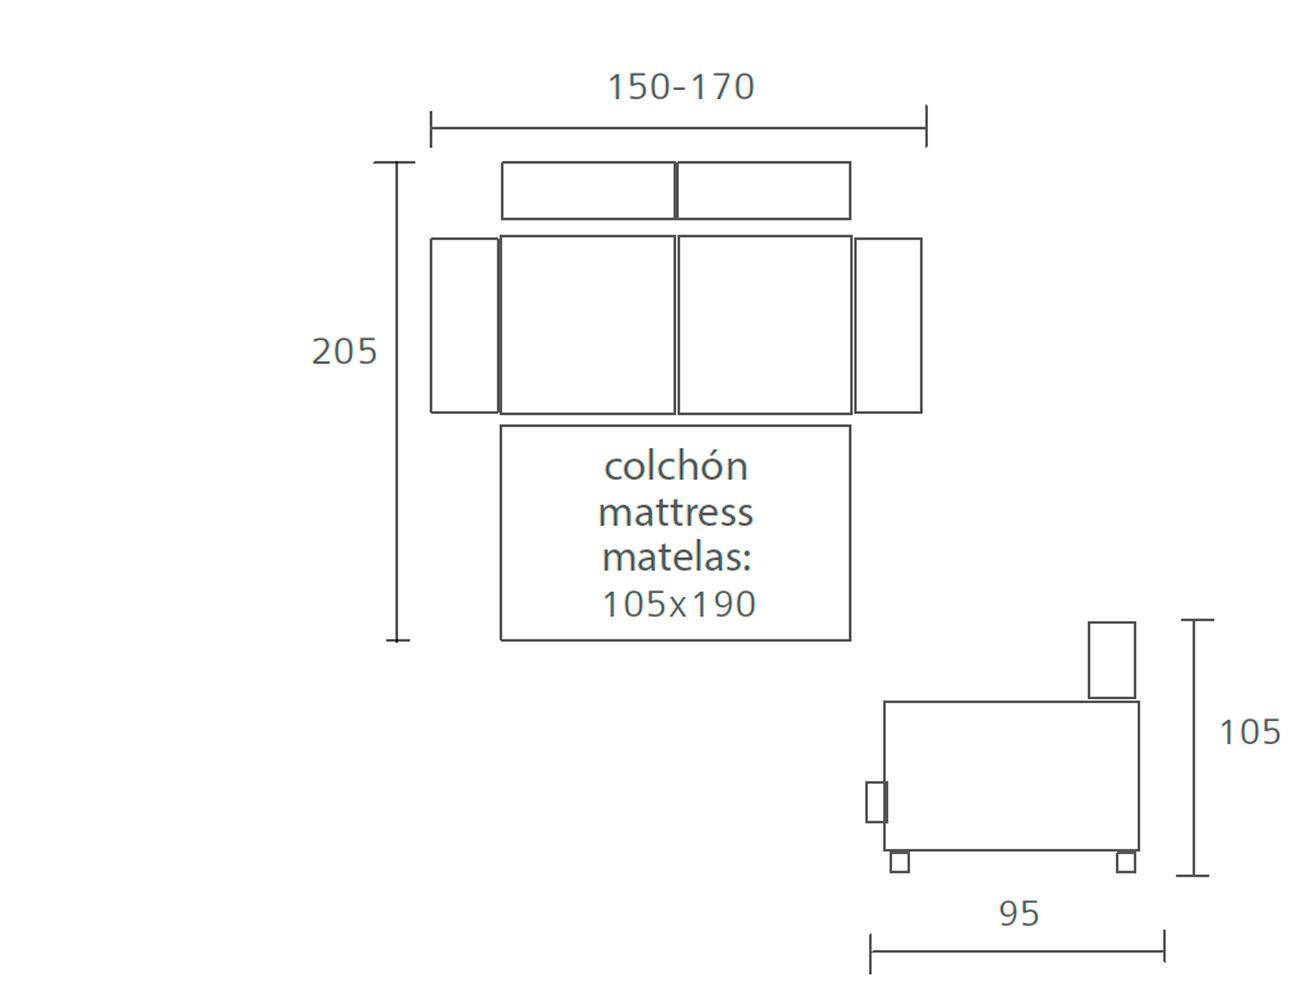 Sofa cama pedro ortiz 150 170